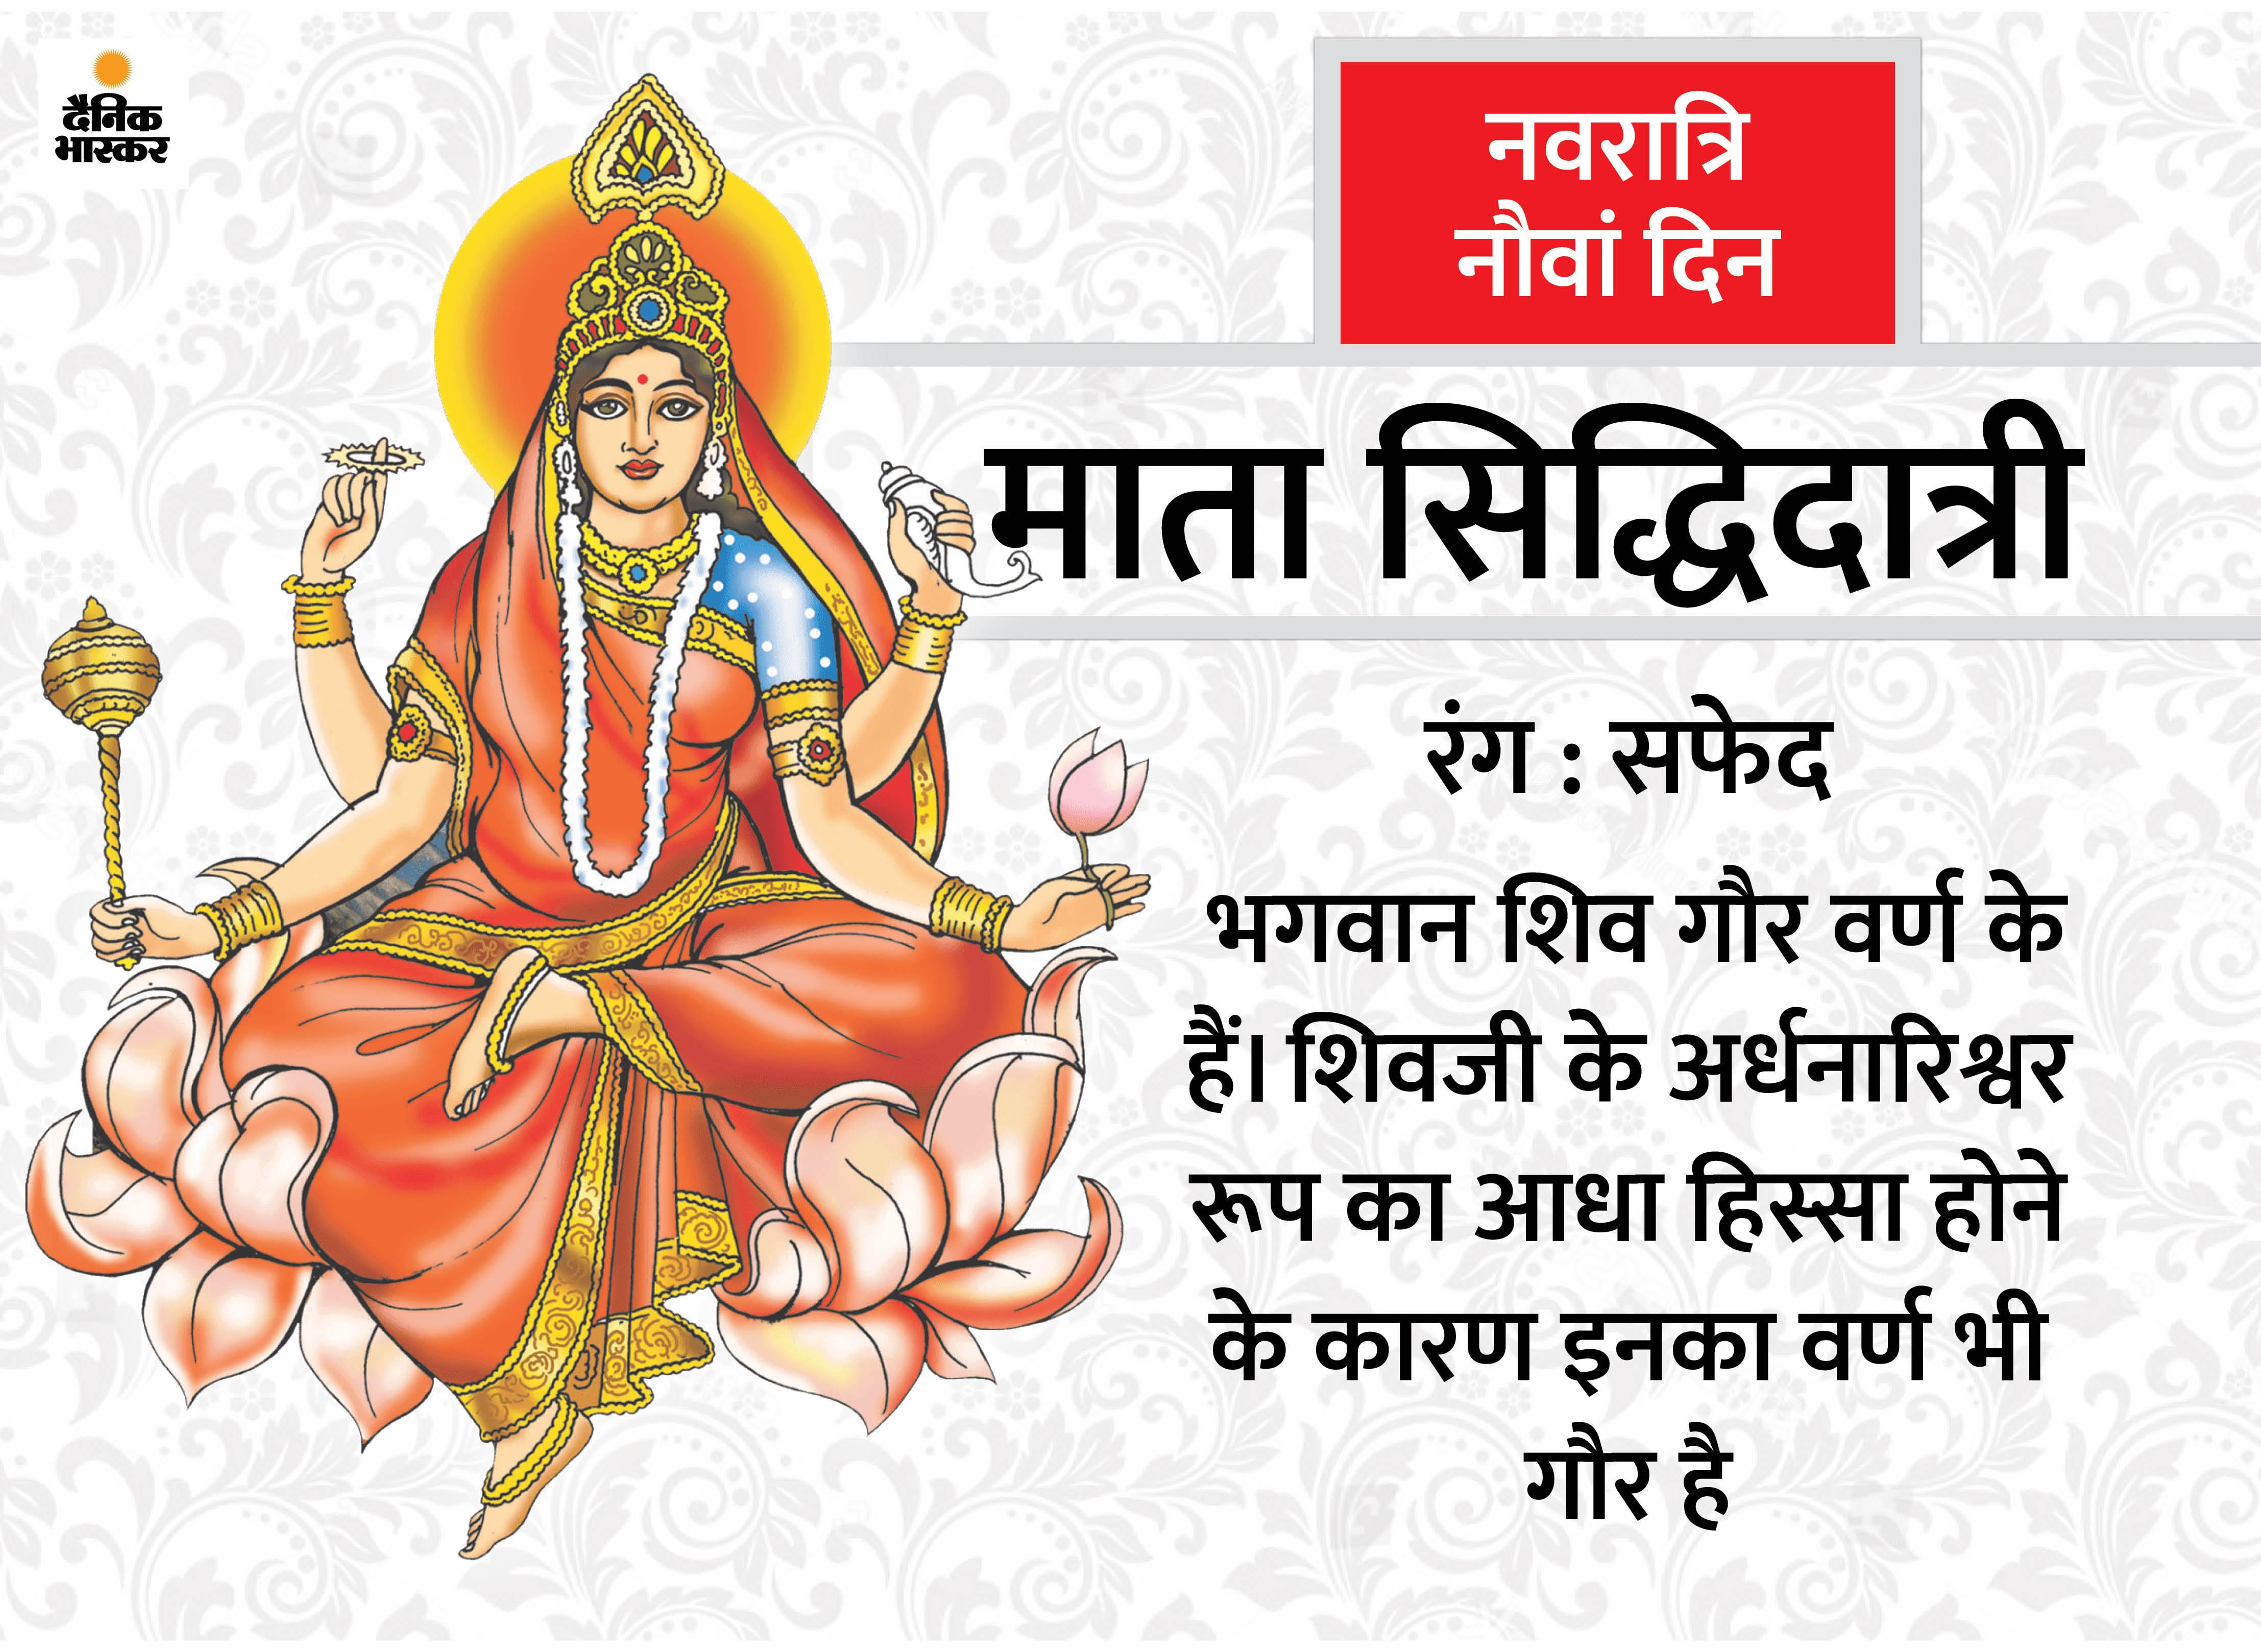 मां सिद्धिदात्री की तपस्या से ही भगवान शिव को मिलीं सिद्धियां, उपासना से आपको भी मिलेगा आशीर्वाद|धर्म,Dharm - Dainik Bhaskar